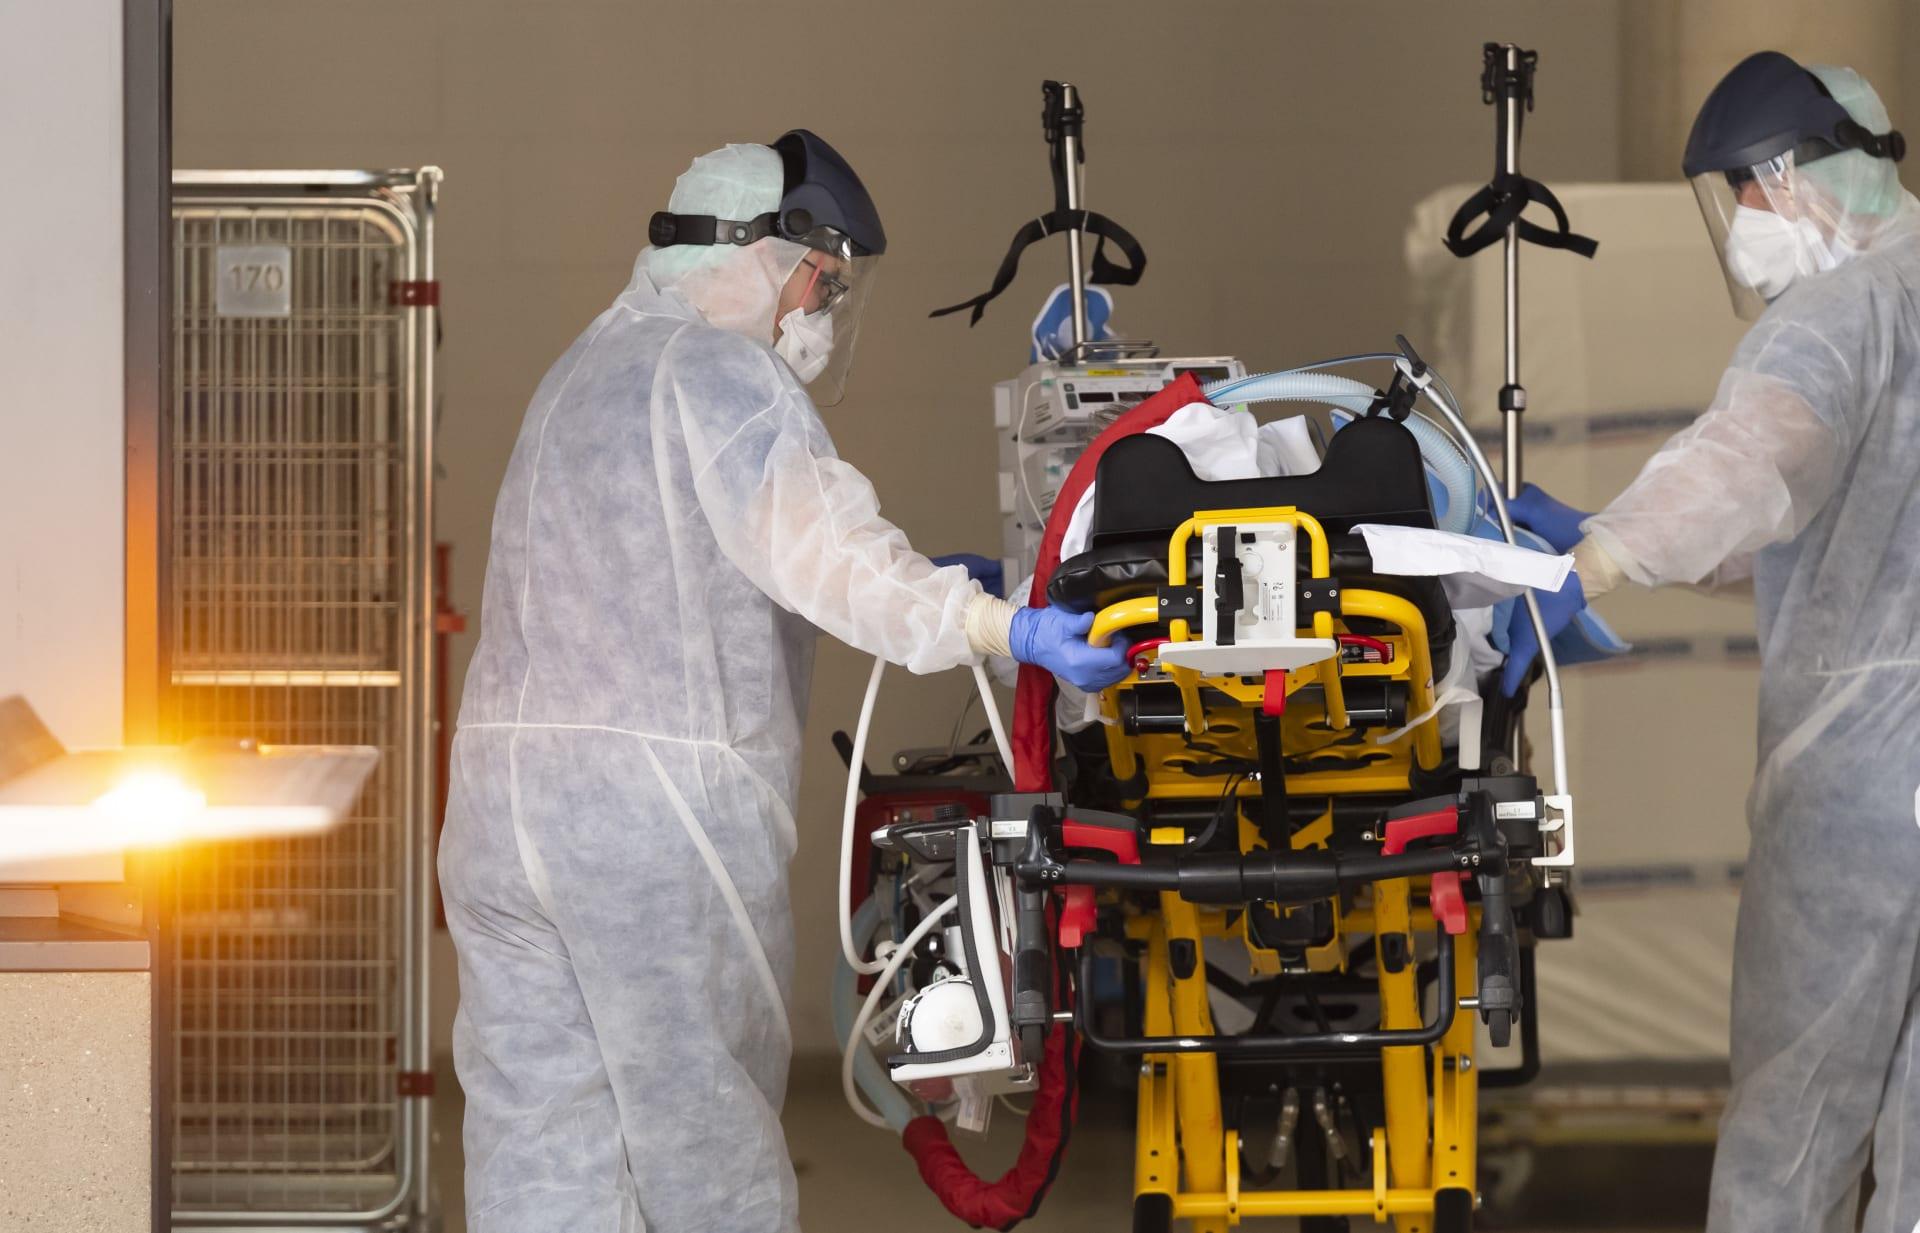 طاقم طبي ينقل أحد المصابين بفيروس كورونا المستجد في إيطاليا